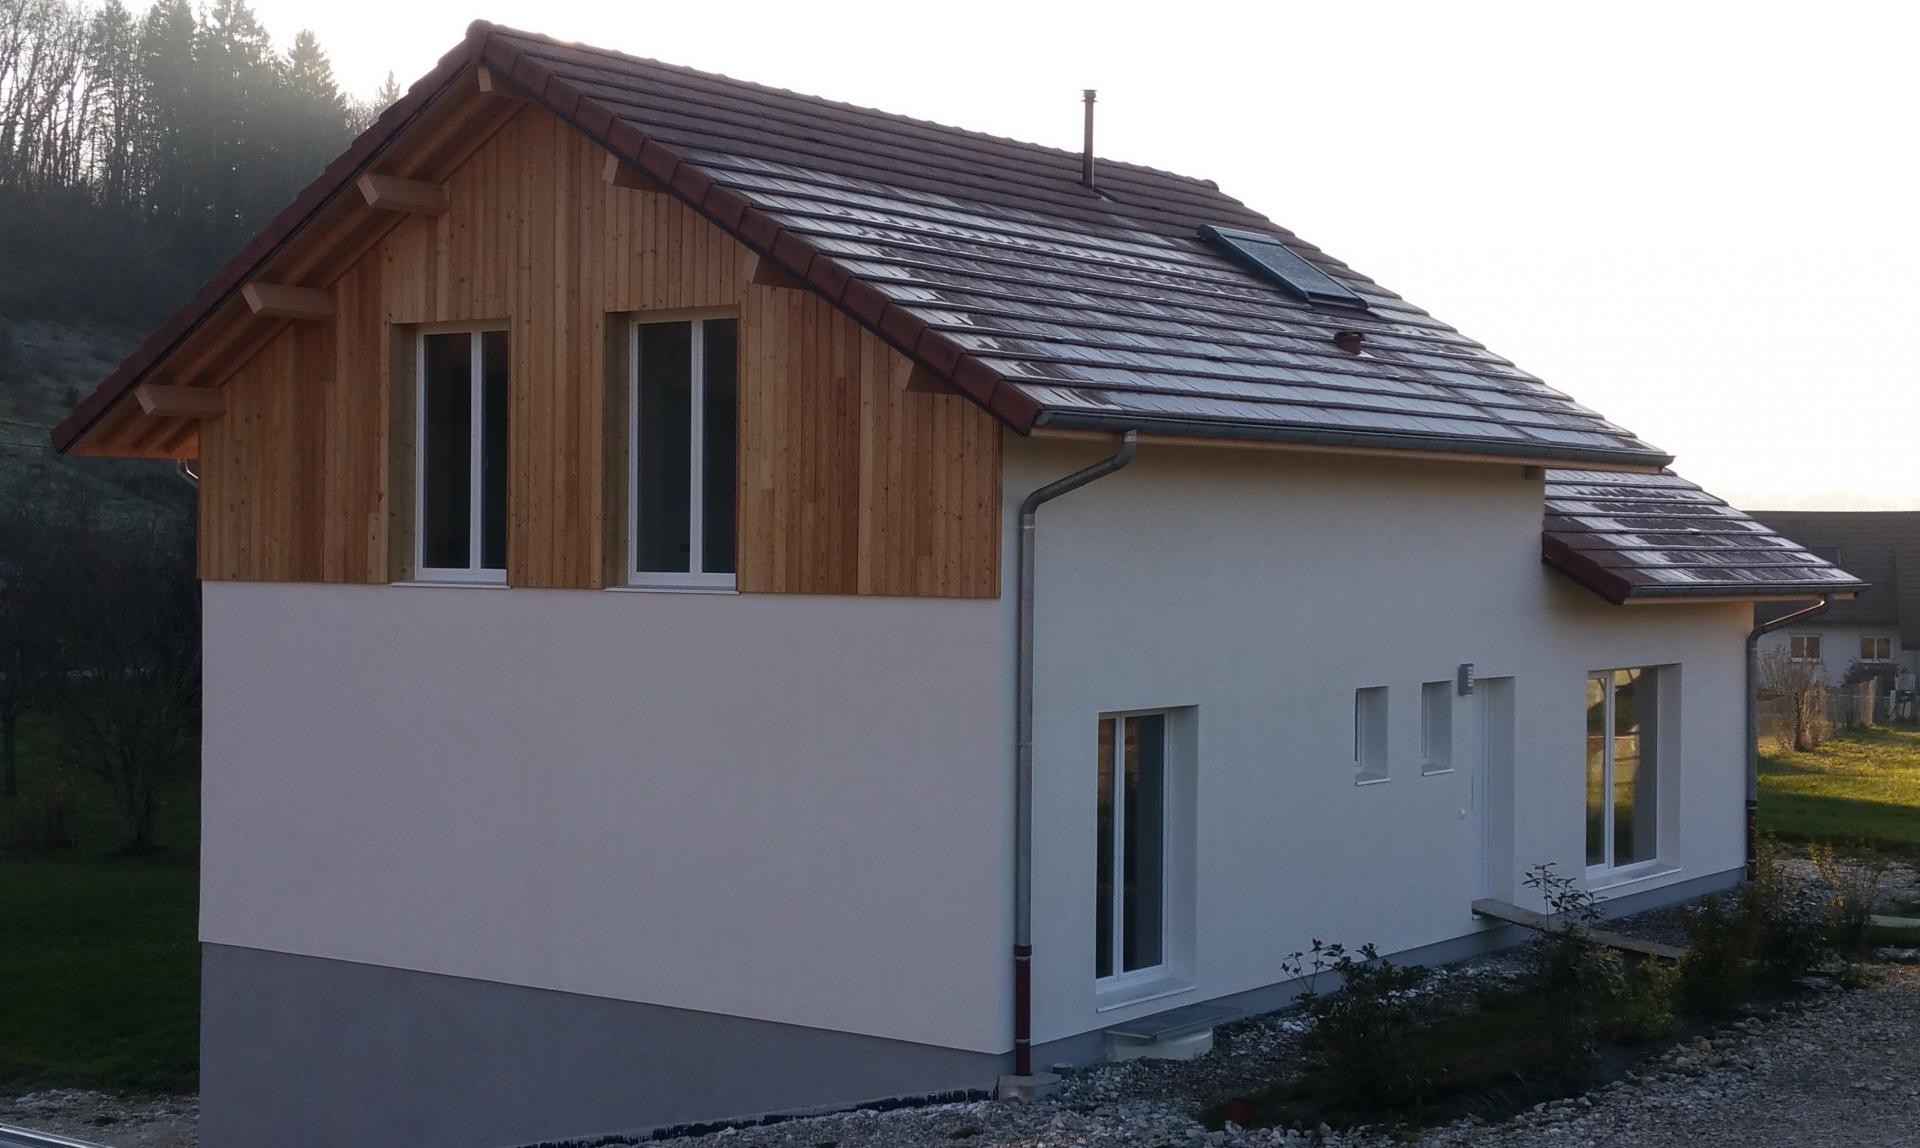 Fabricant Maison Ossature Bois - Fabricant de maisonsà ossature boisà Yenne (73)